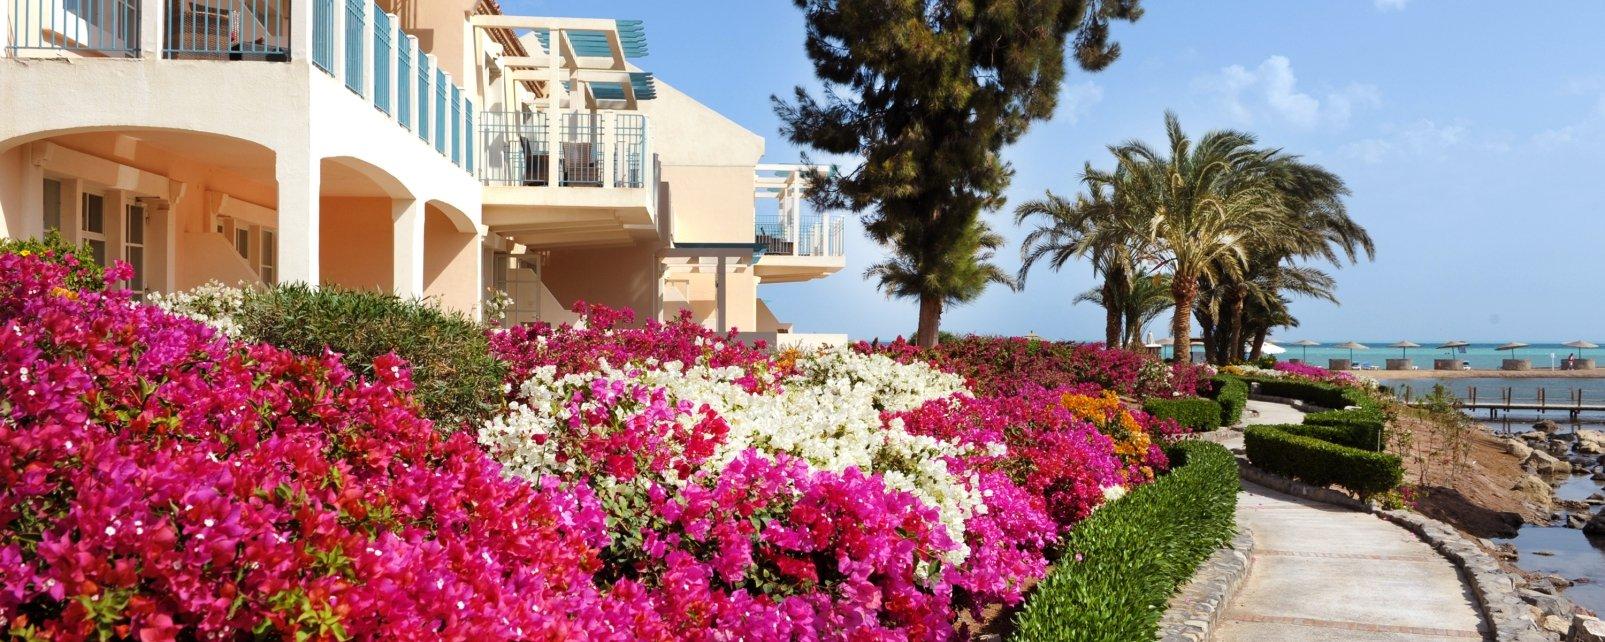 Hôtel Movenpick Resort and Spa El Gouna